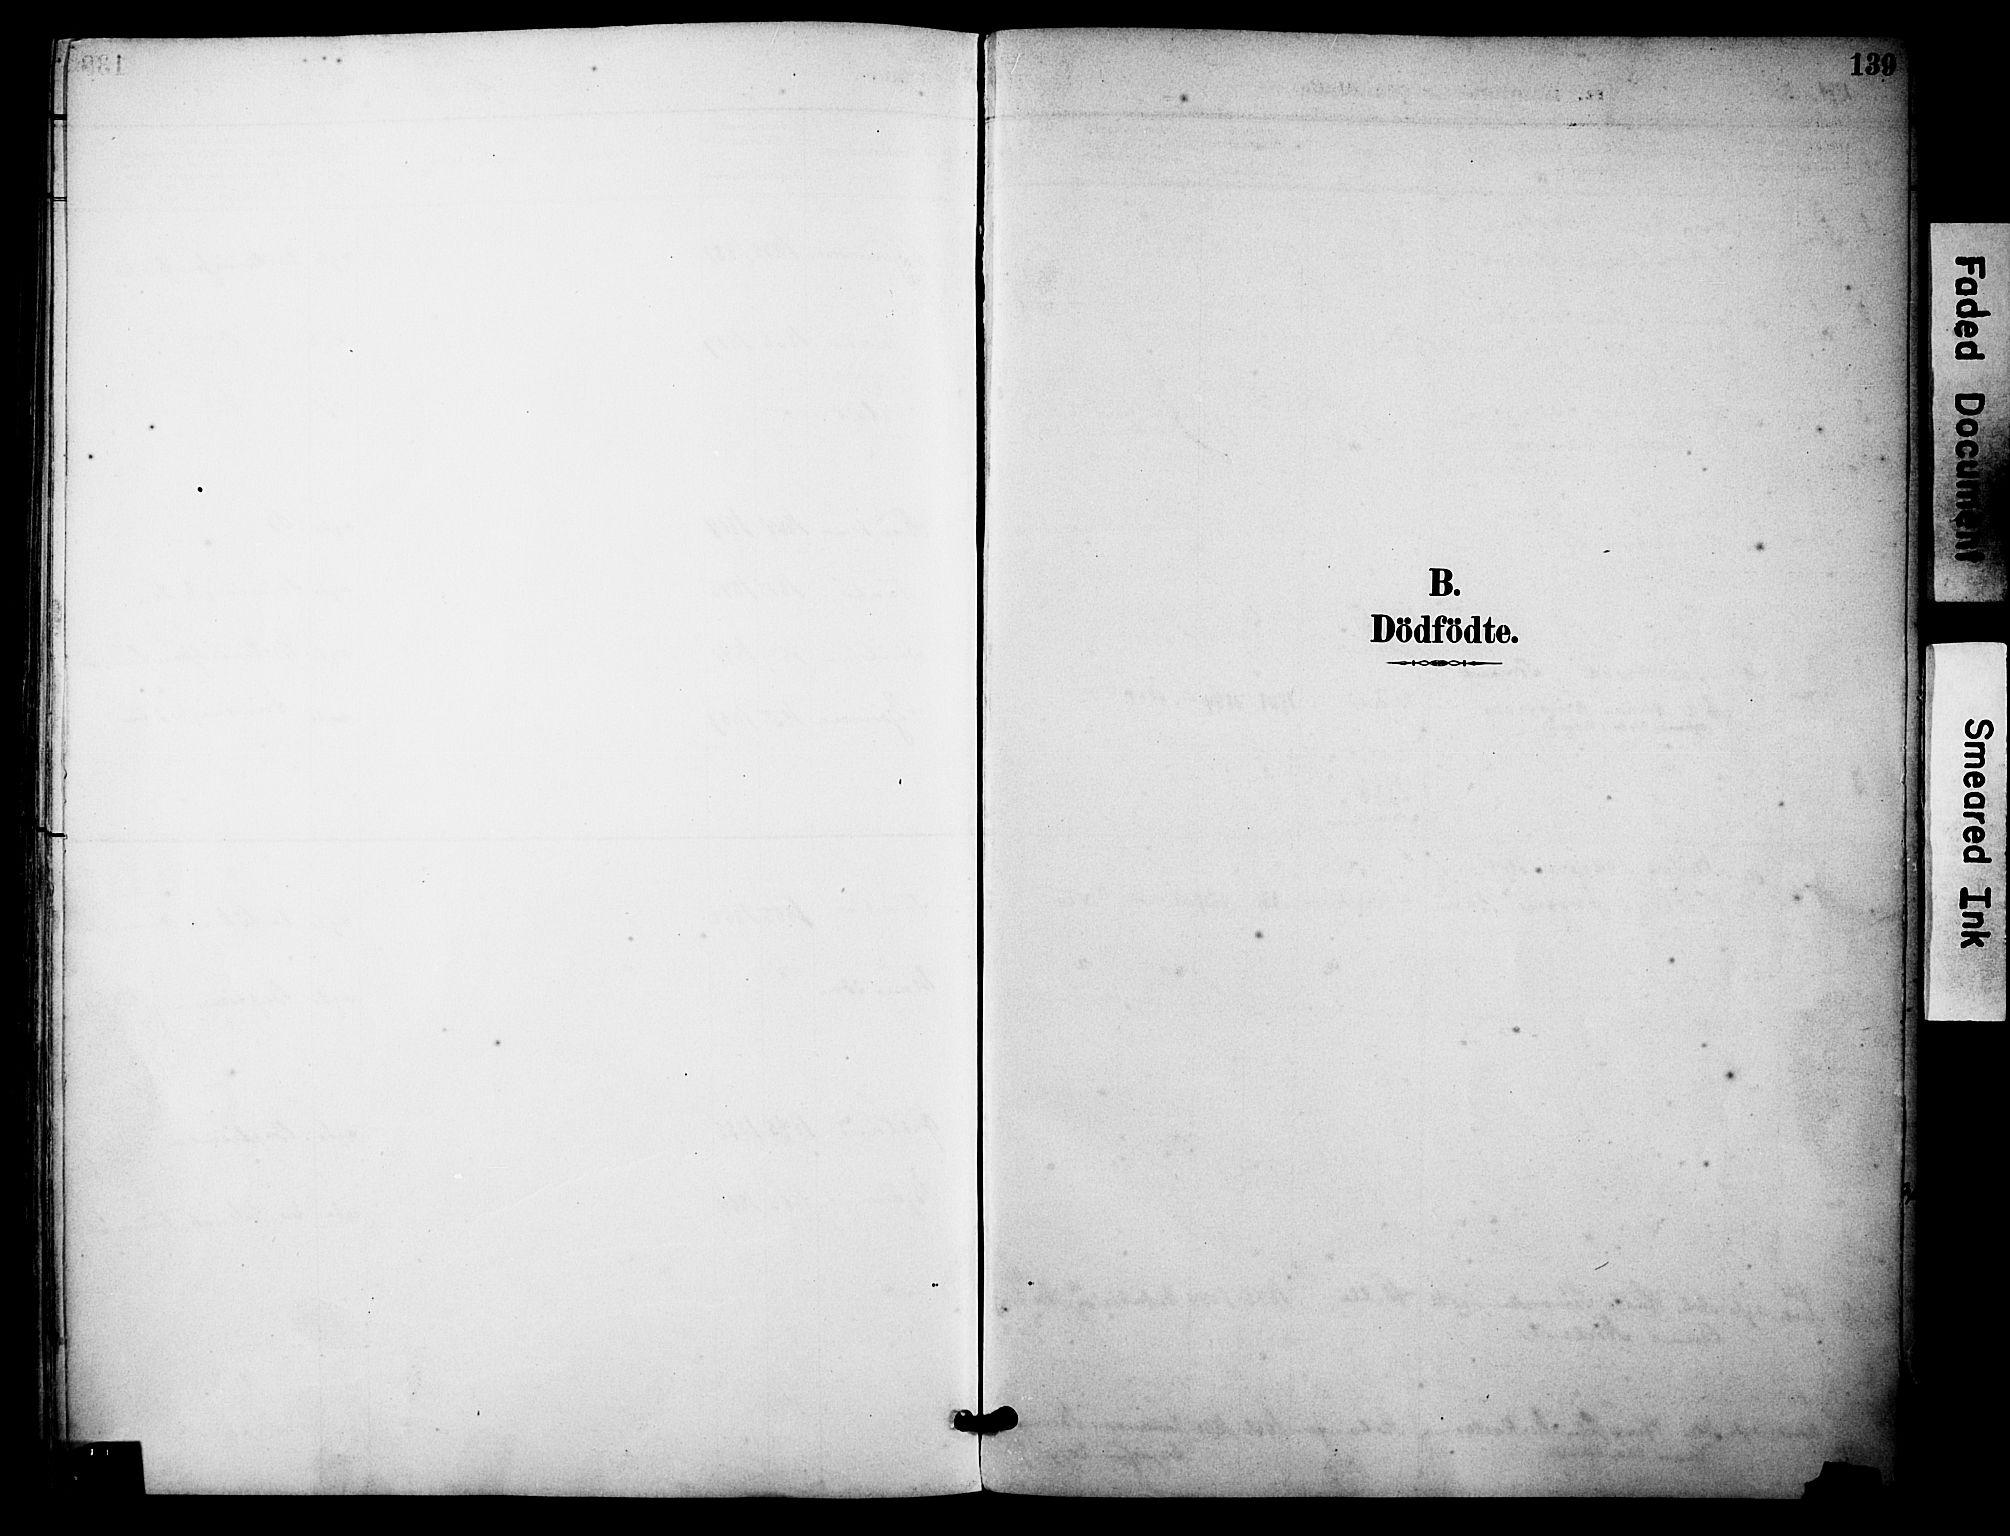 SAKO, Skåtøy kirkebøker, F/Fa/L0002: Ministerialbok nr. I 2, 1884-1899, s. 139